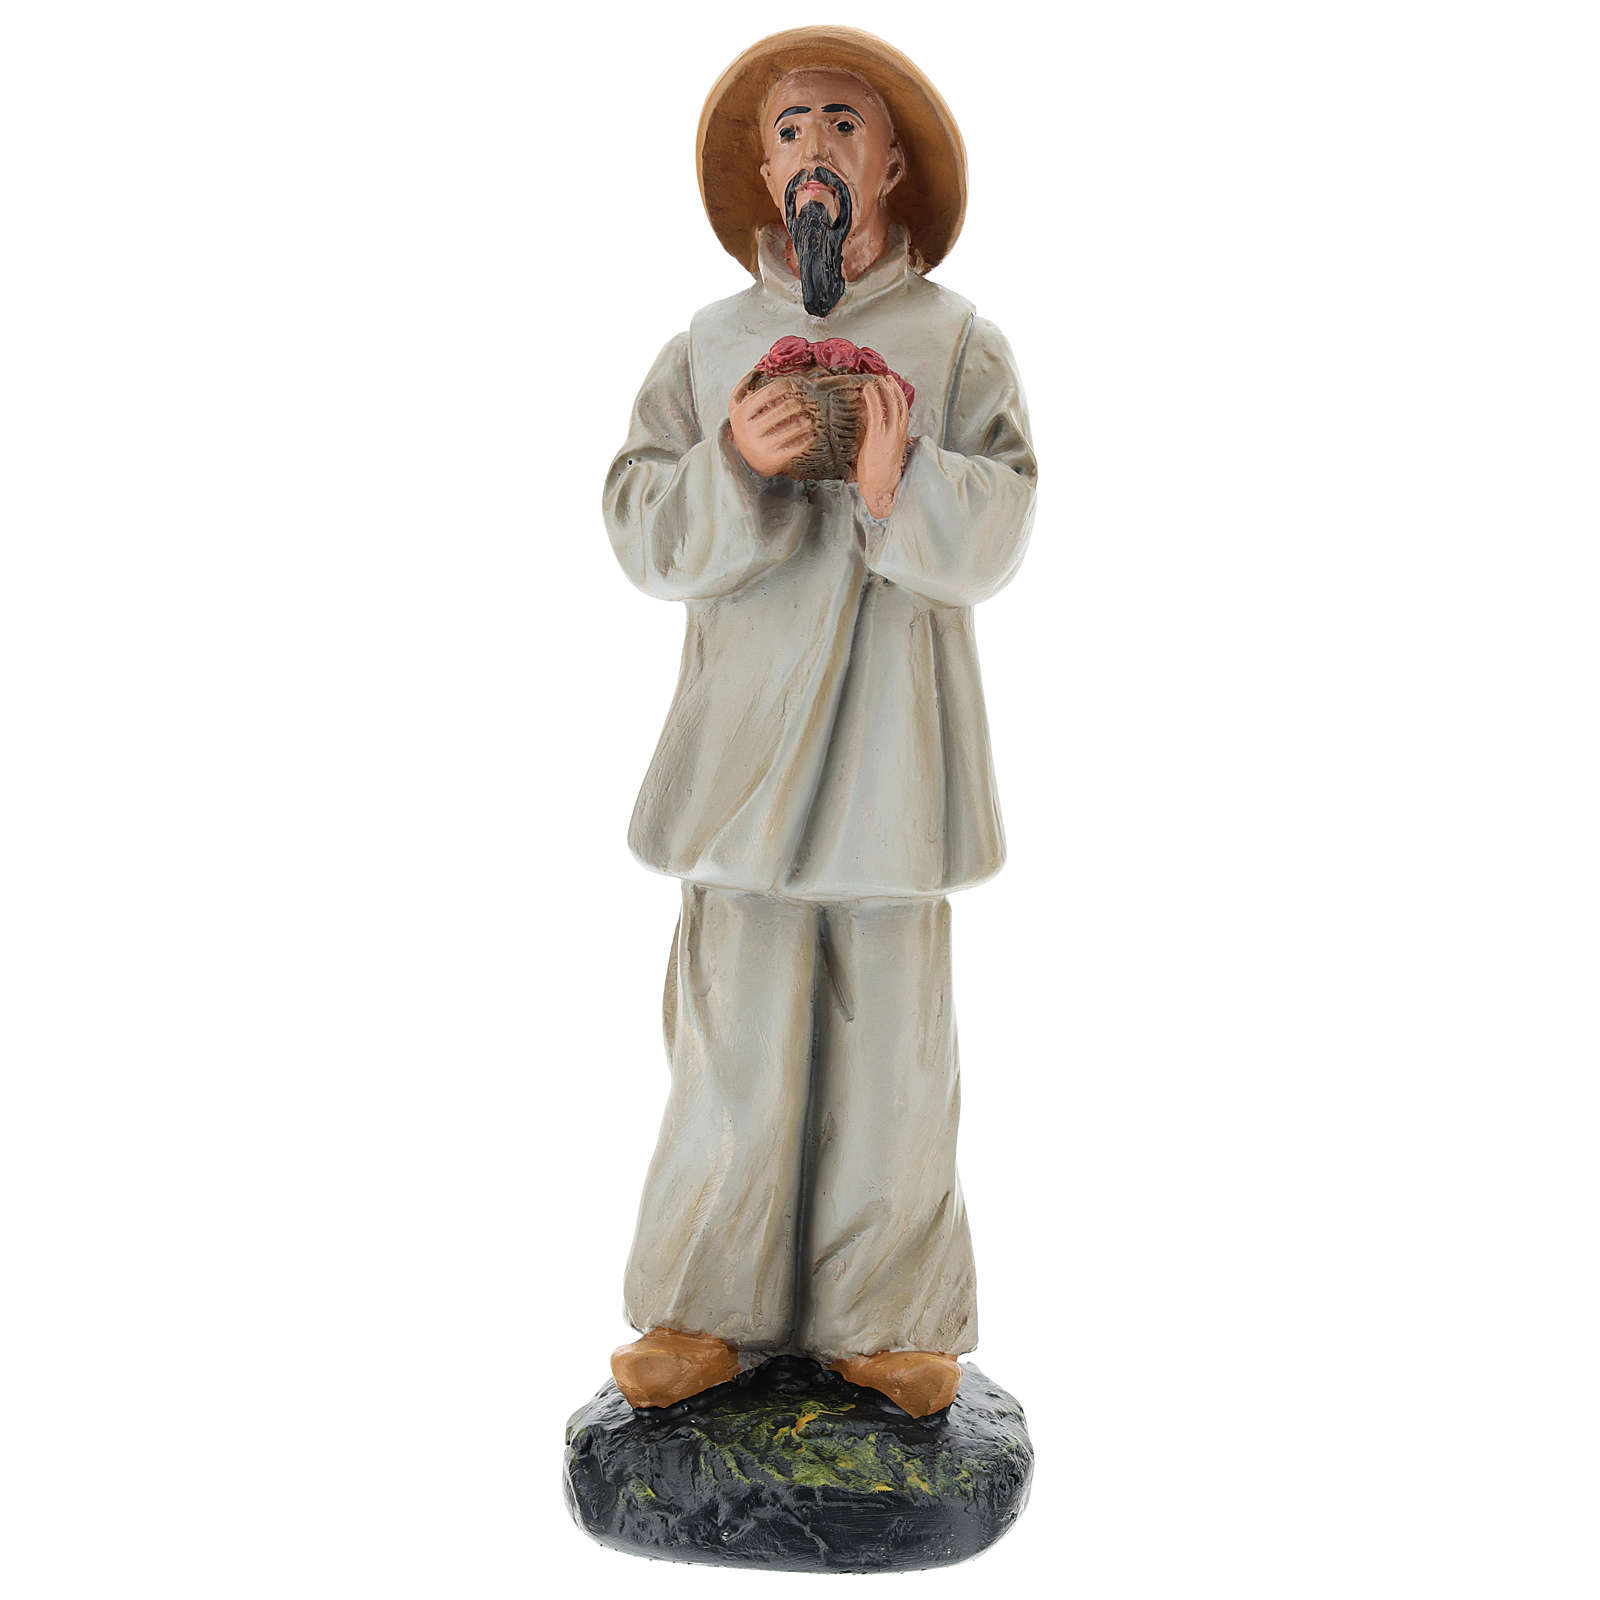 Statua pastore cinese con fiori gesso colorato 20 cm Arte Barsanti 4